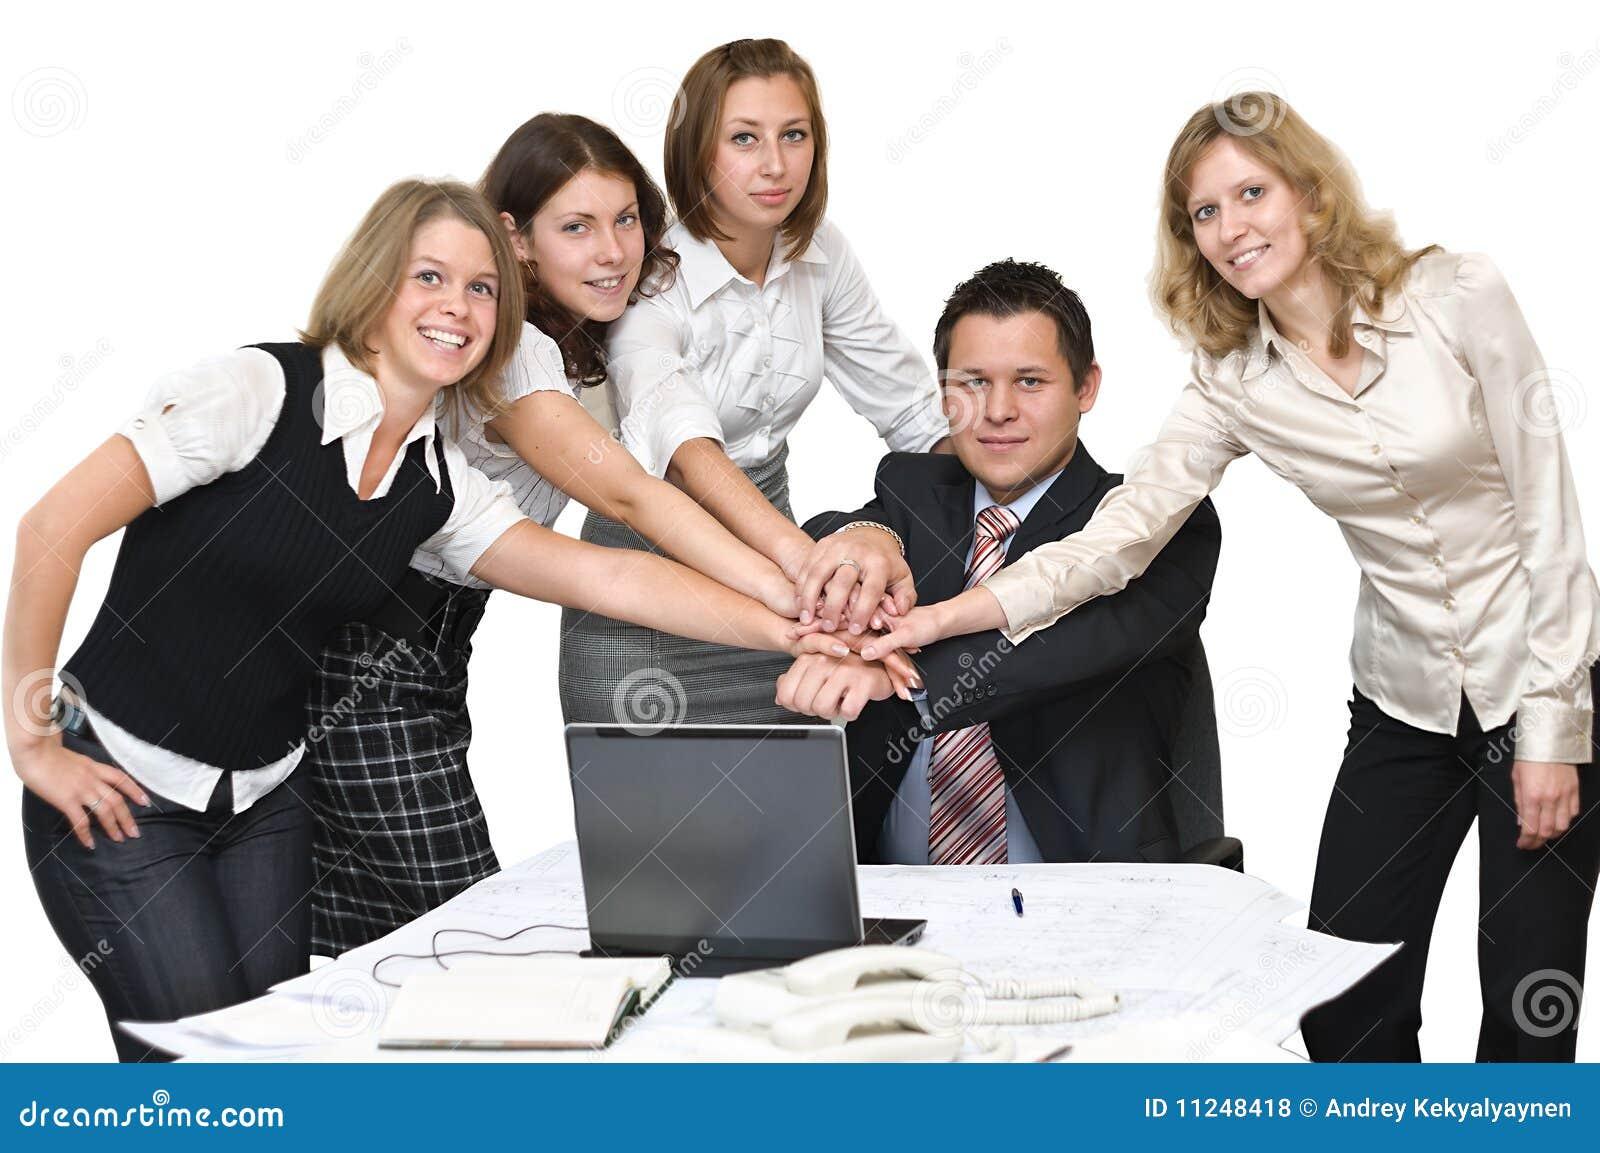 Imagenes De Personas Trabajando En Equipo: Alcohol Del Trabajo En Equipo Y De Personas Foto De